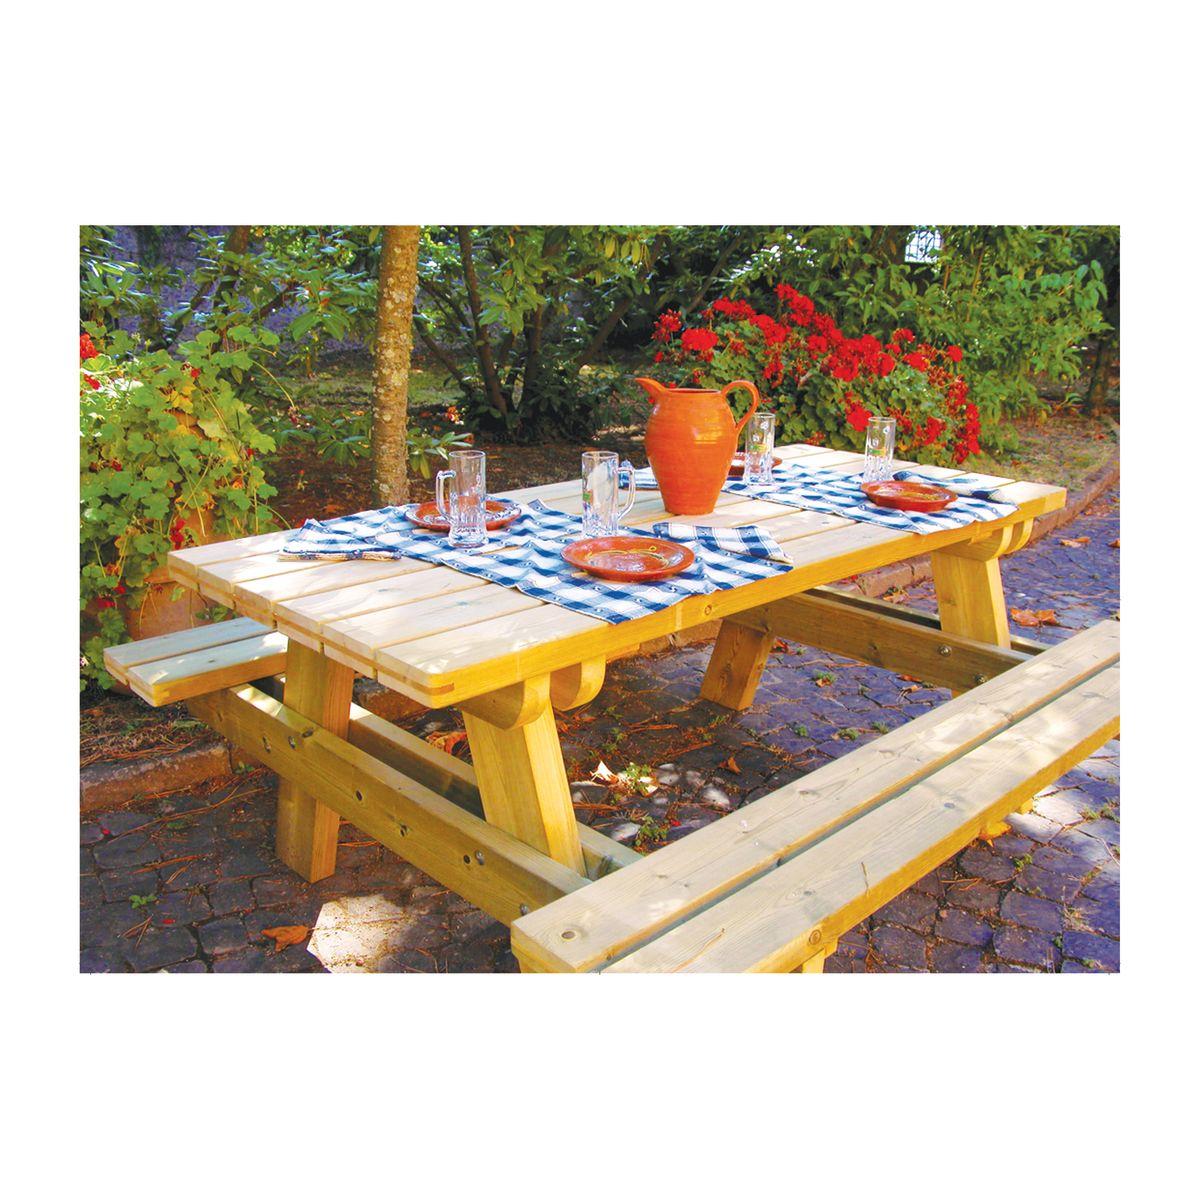 Tavoli e sedie da giardino - Offerte tavoli da giardino leroy merlin ...